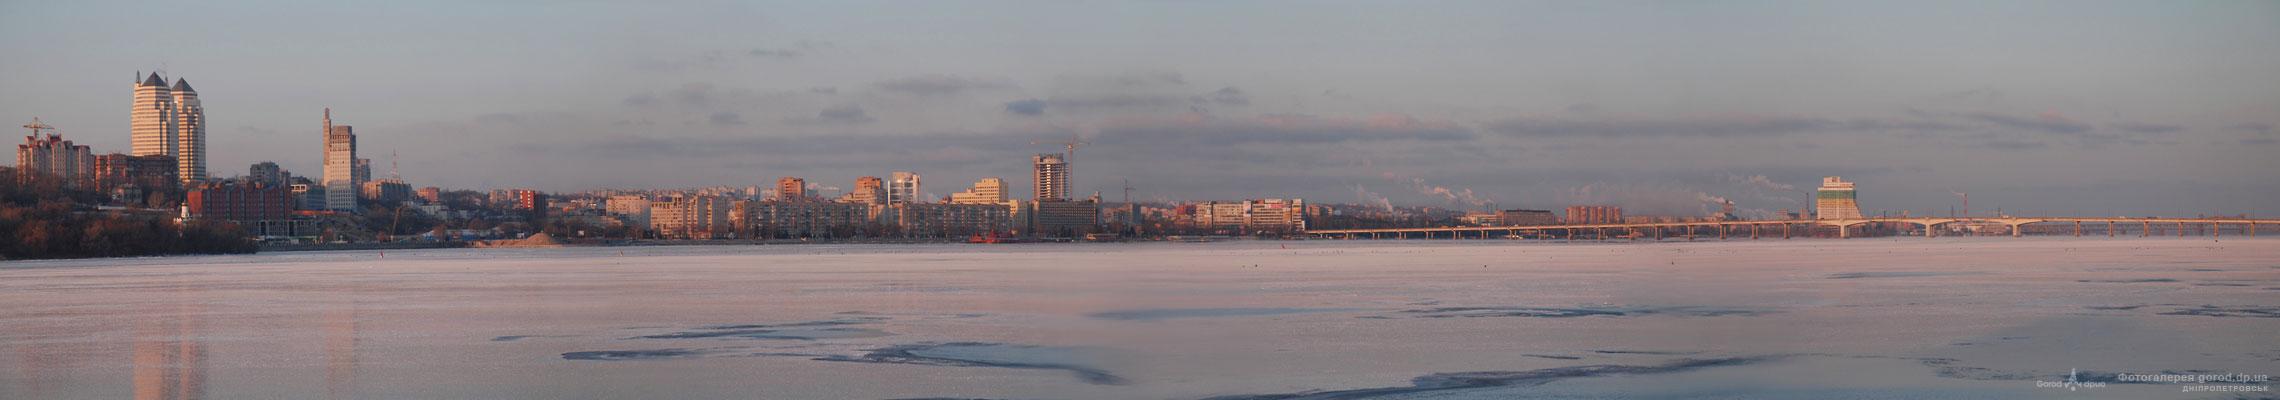 Панорама зимнего города